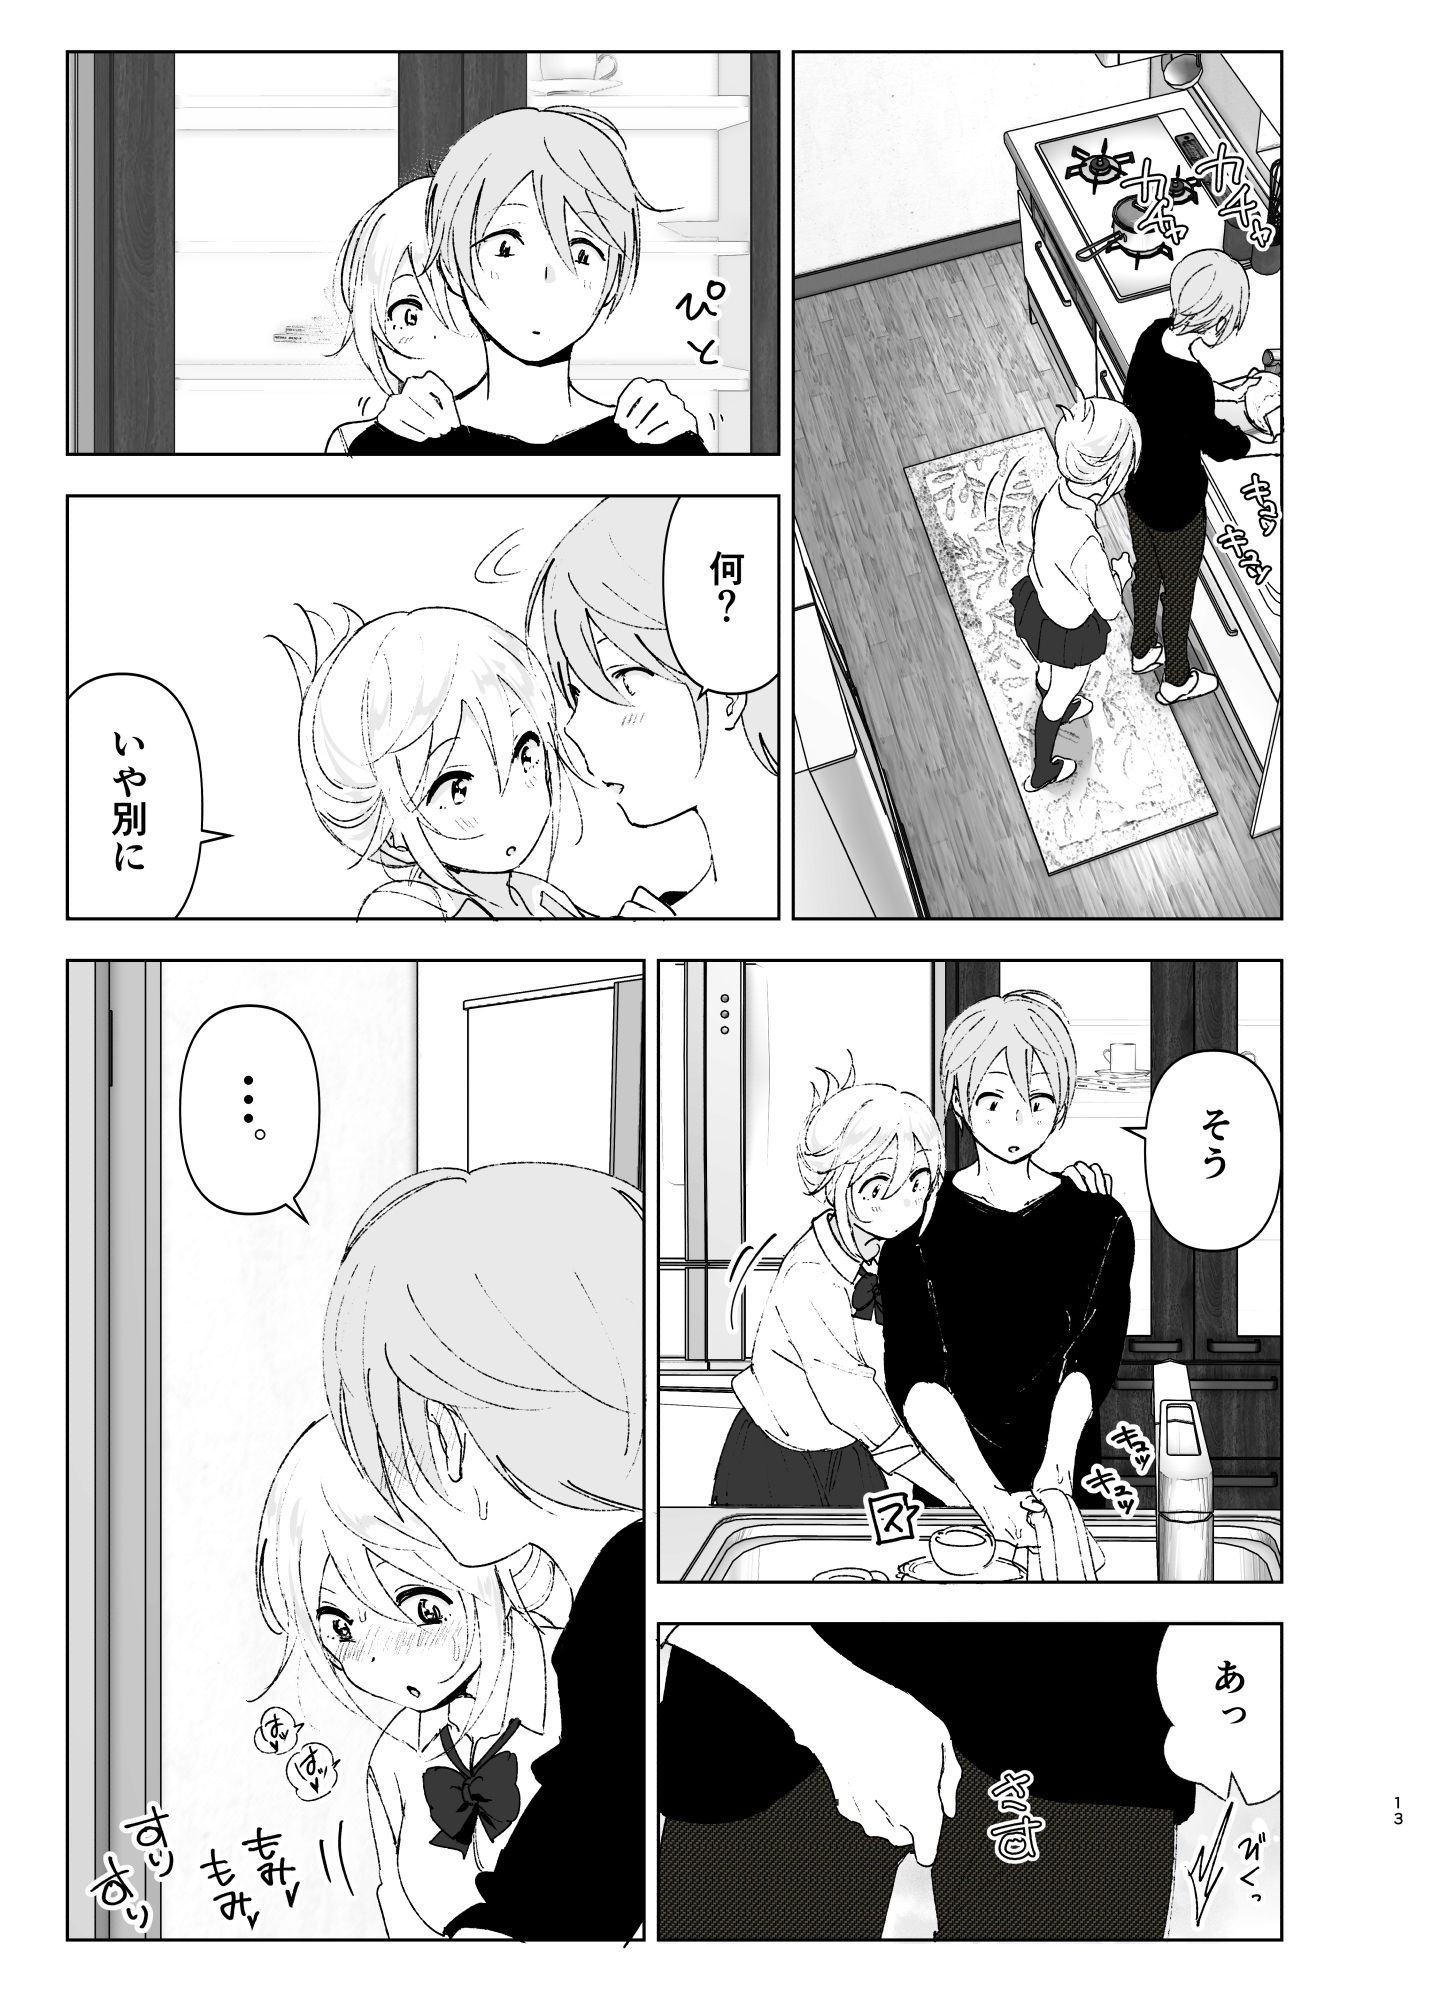 エロ-3-12 兄と妹の少し切ない純愛エロ漫画に勃起が収まらないwww【エロ漫画:昔は可愛かった2:すぺ】